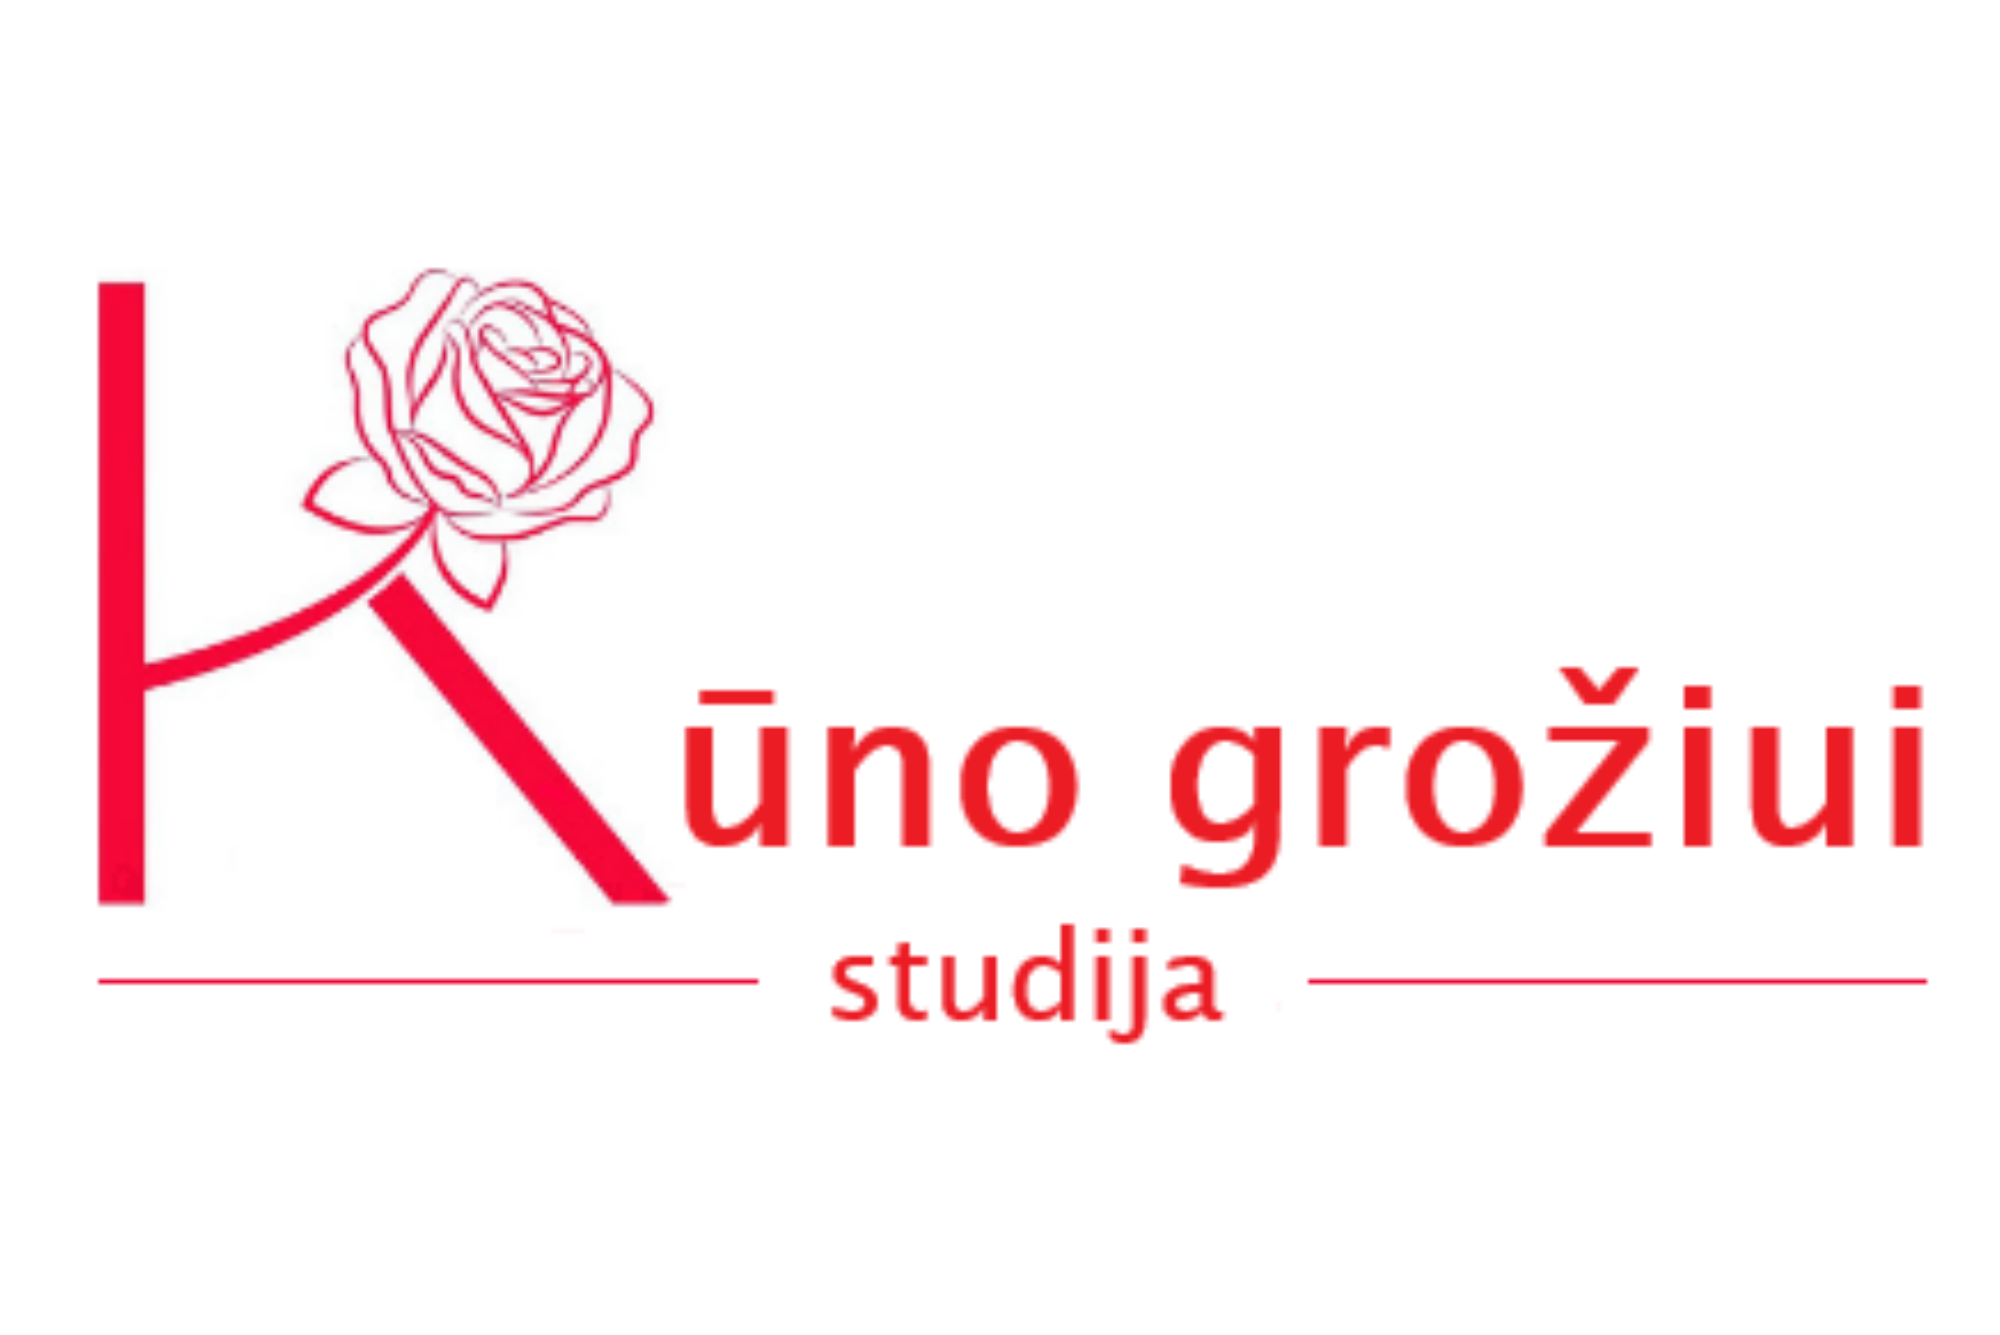 www.kunogroziui.lt